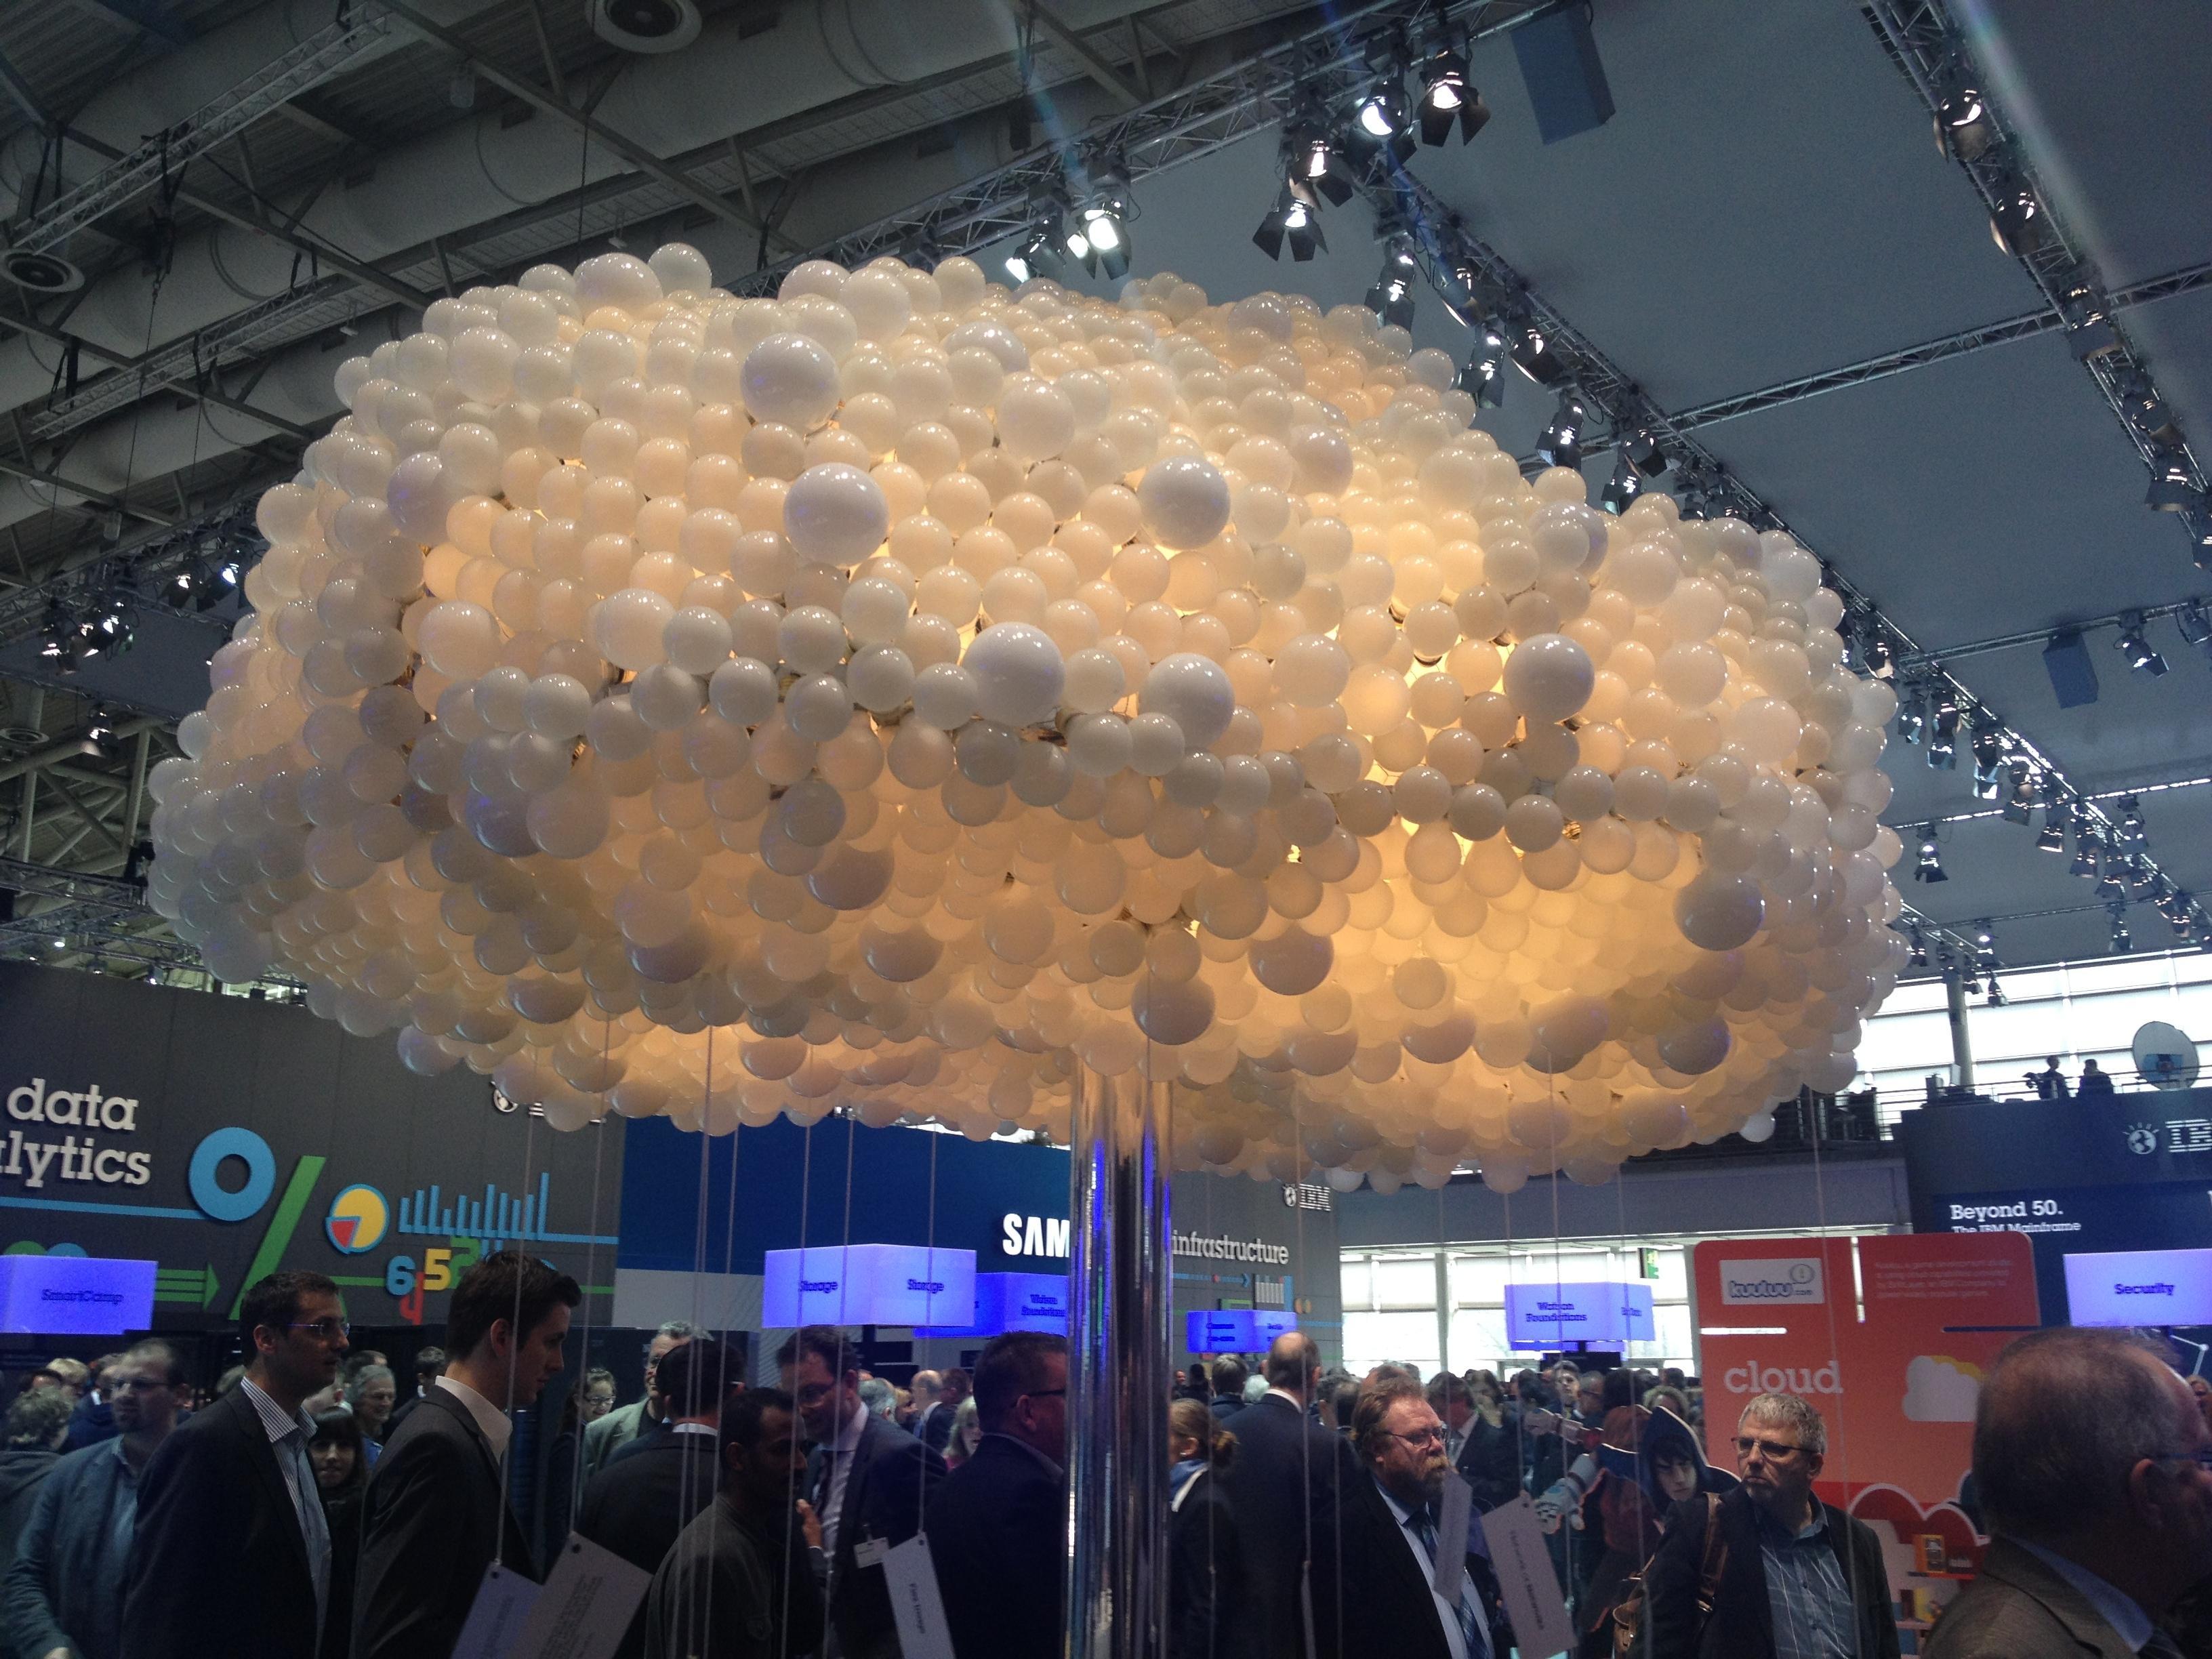 Cloud CeBIT 2014